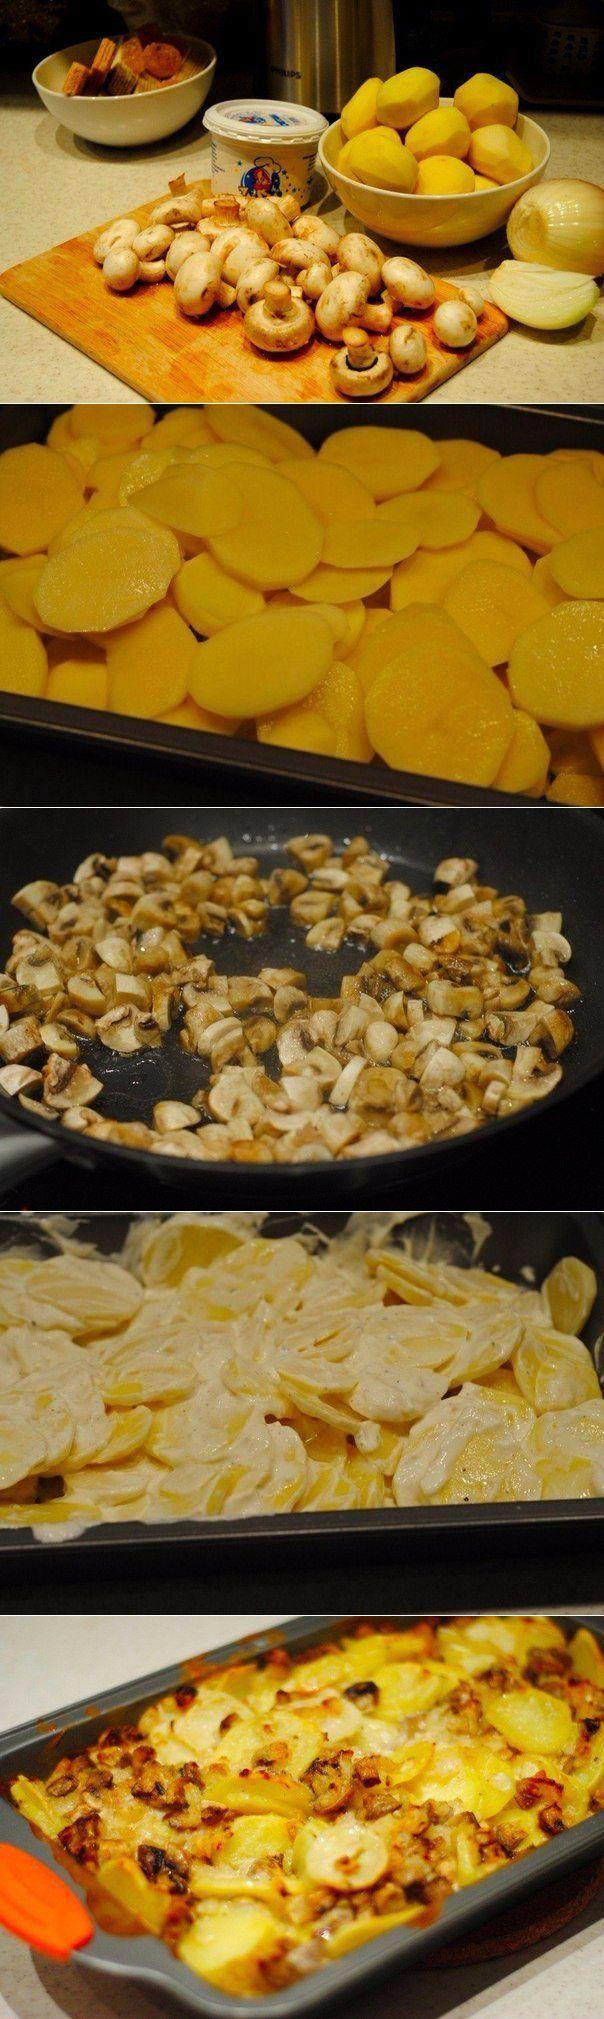 """На ужин: """"Картофель с шампиньонами в сметане"""""""